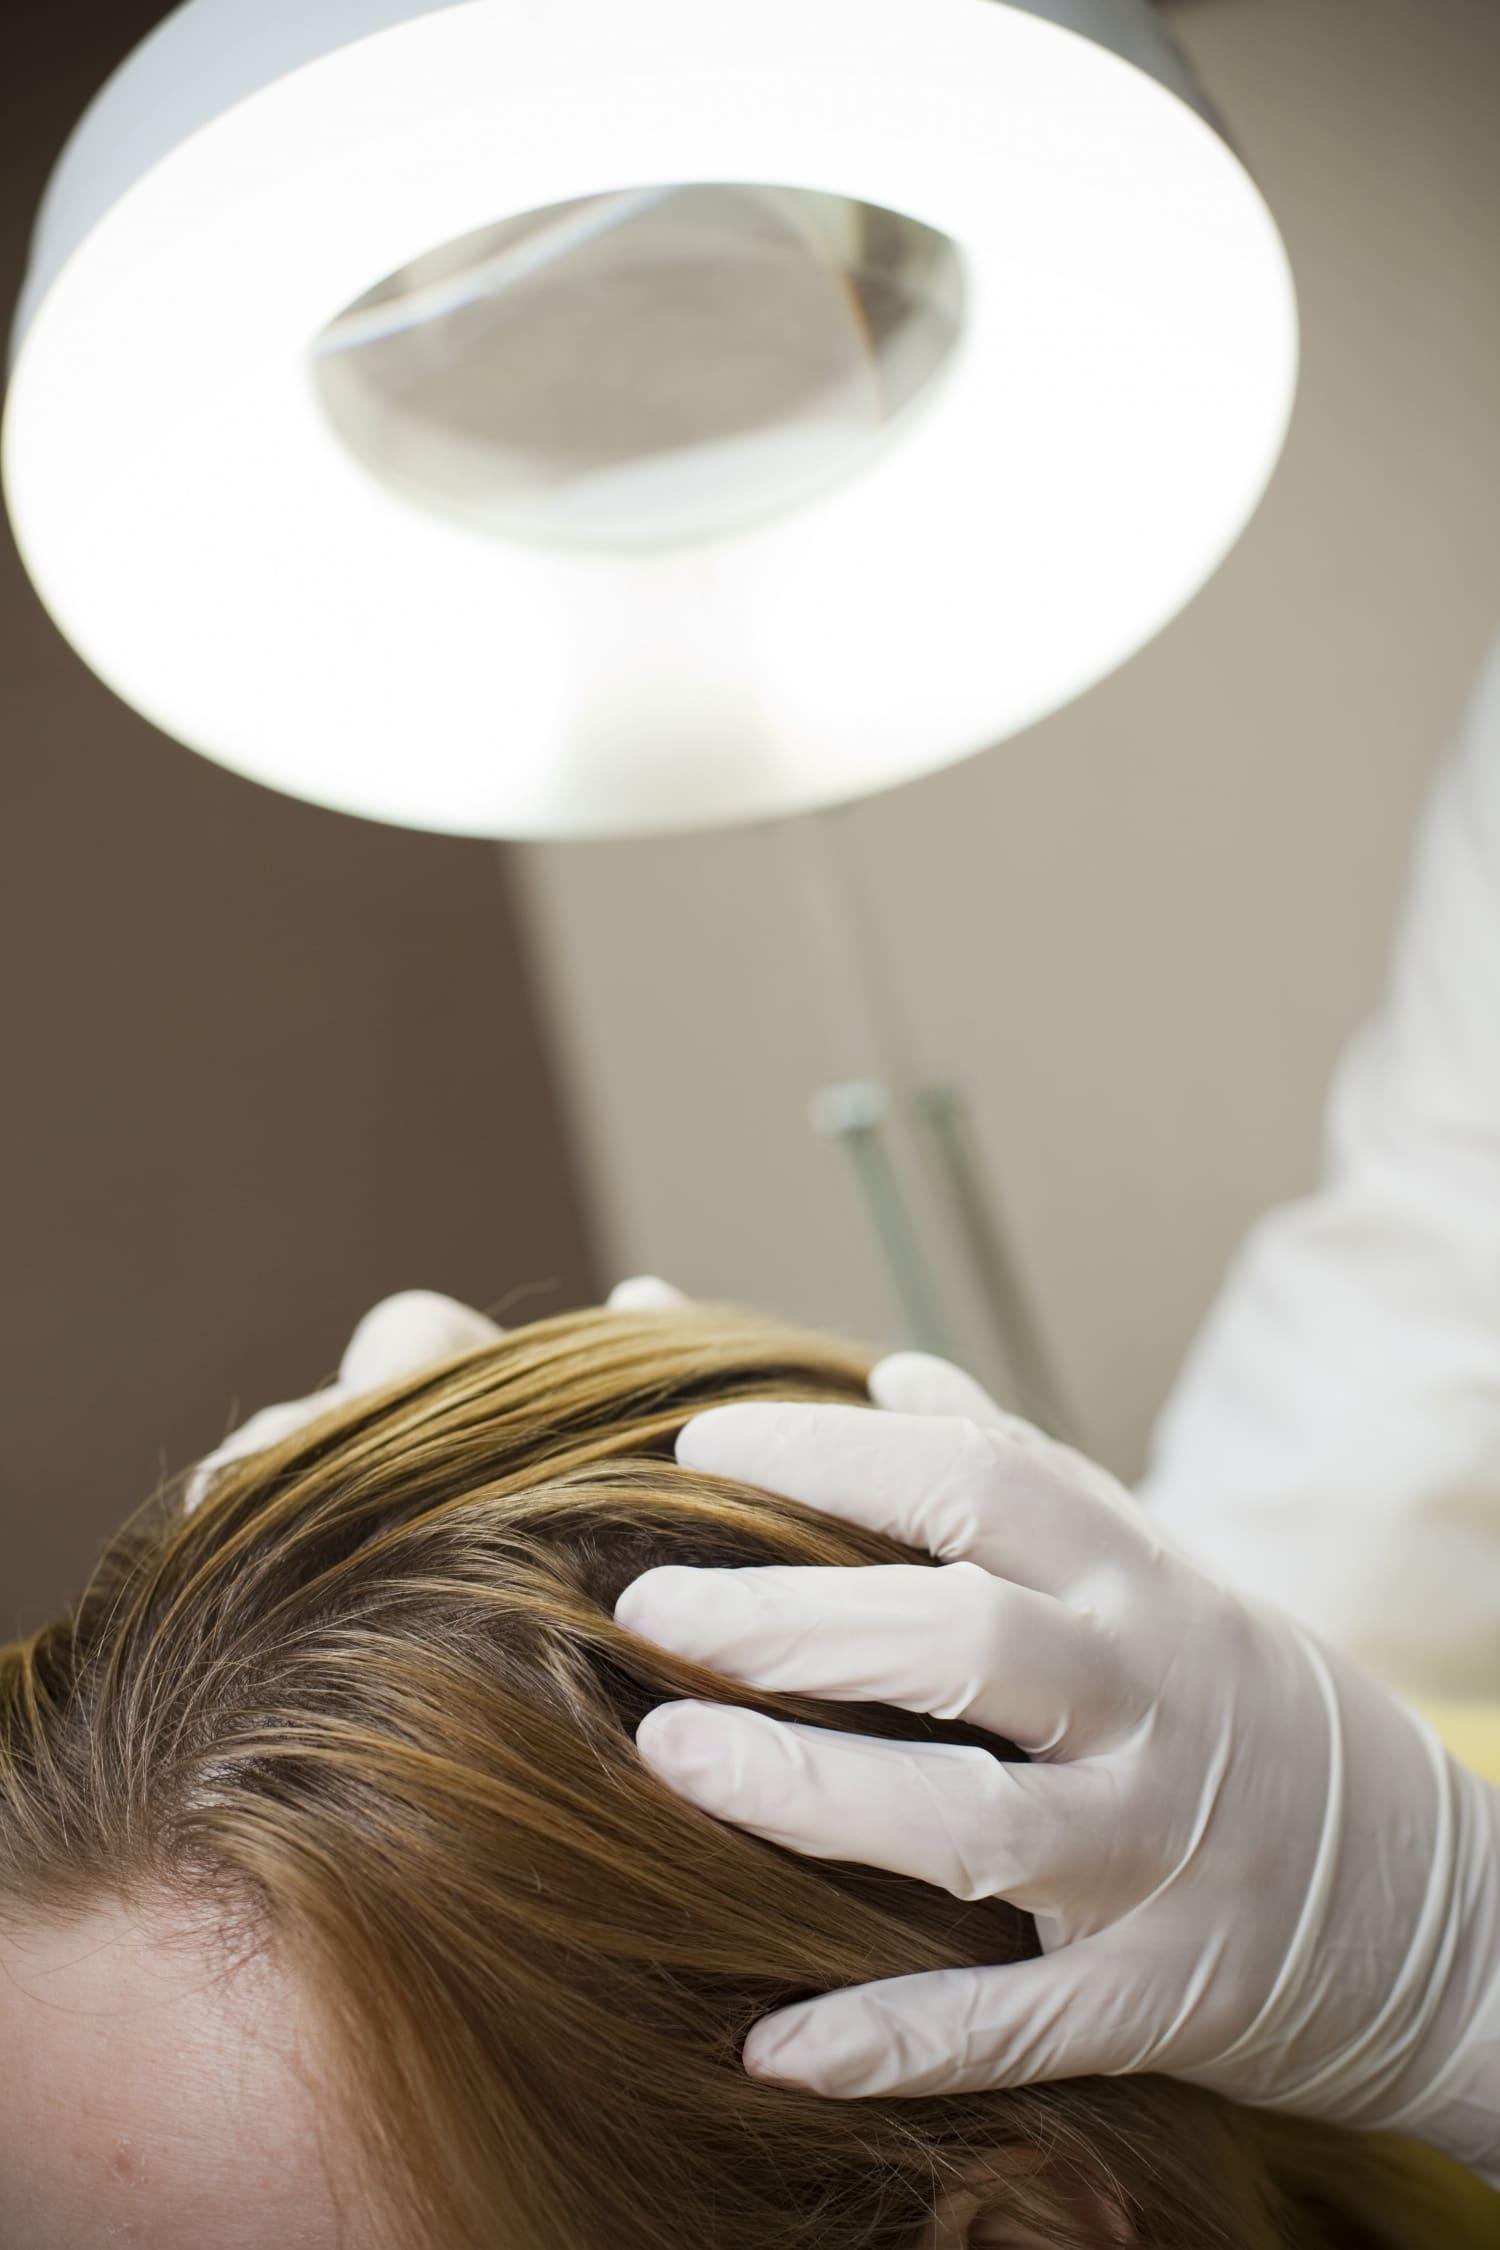 Mivel tehetjük erőssé és széppé a hajunkat? – interjú Dr. Murányi Éva bőrgyógyász főorvossal (2. rész)